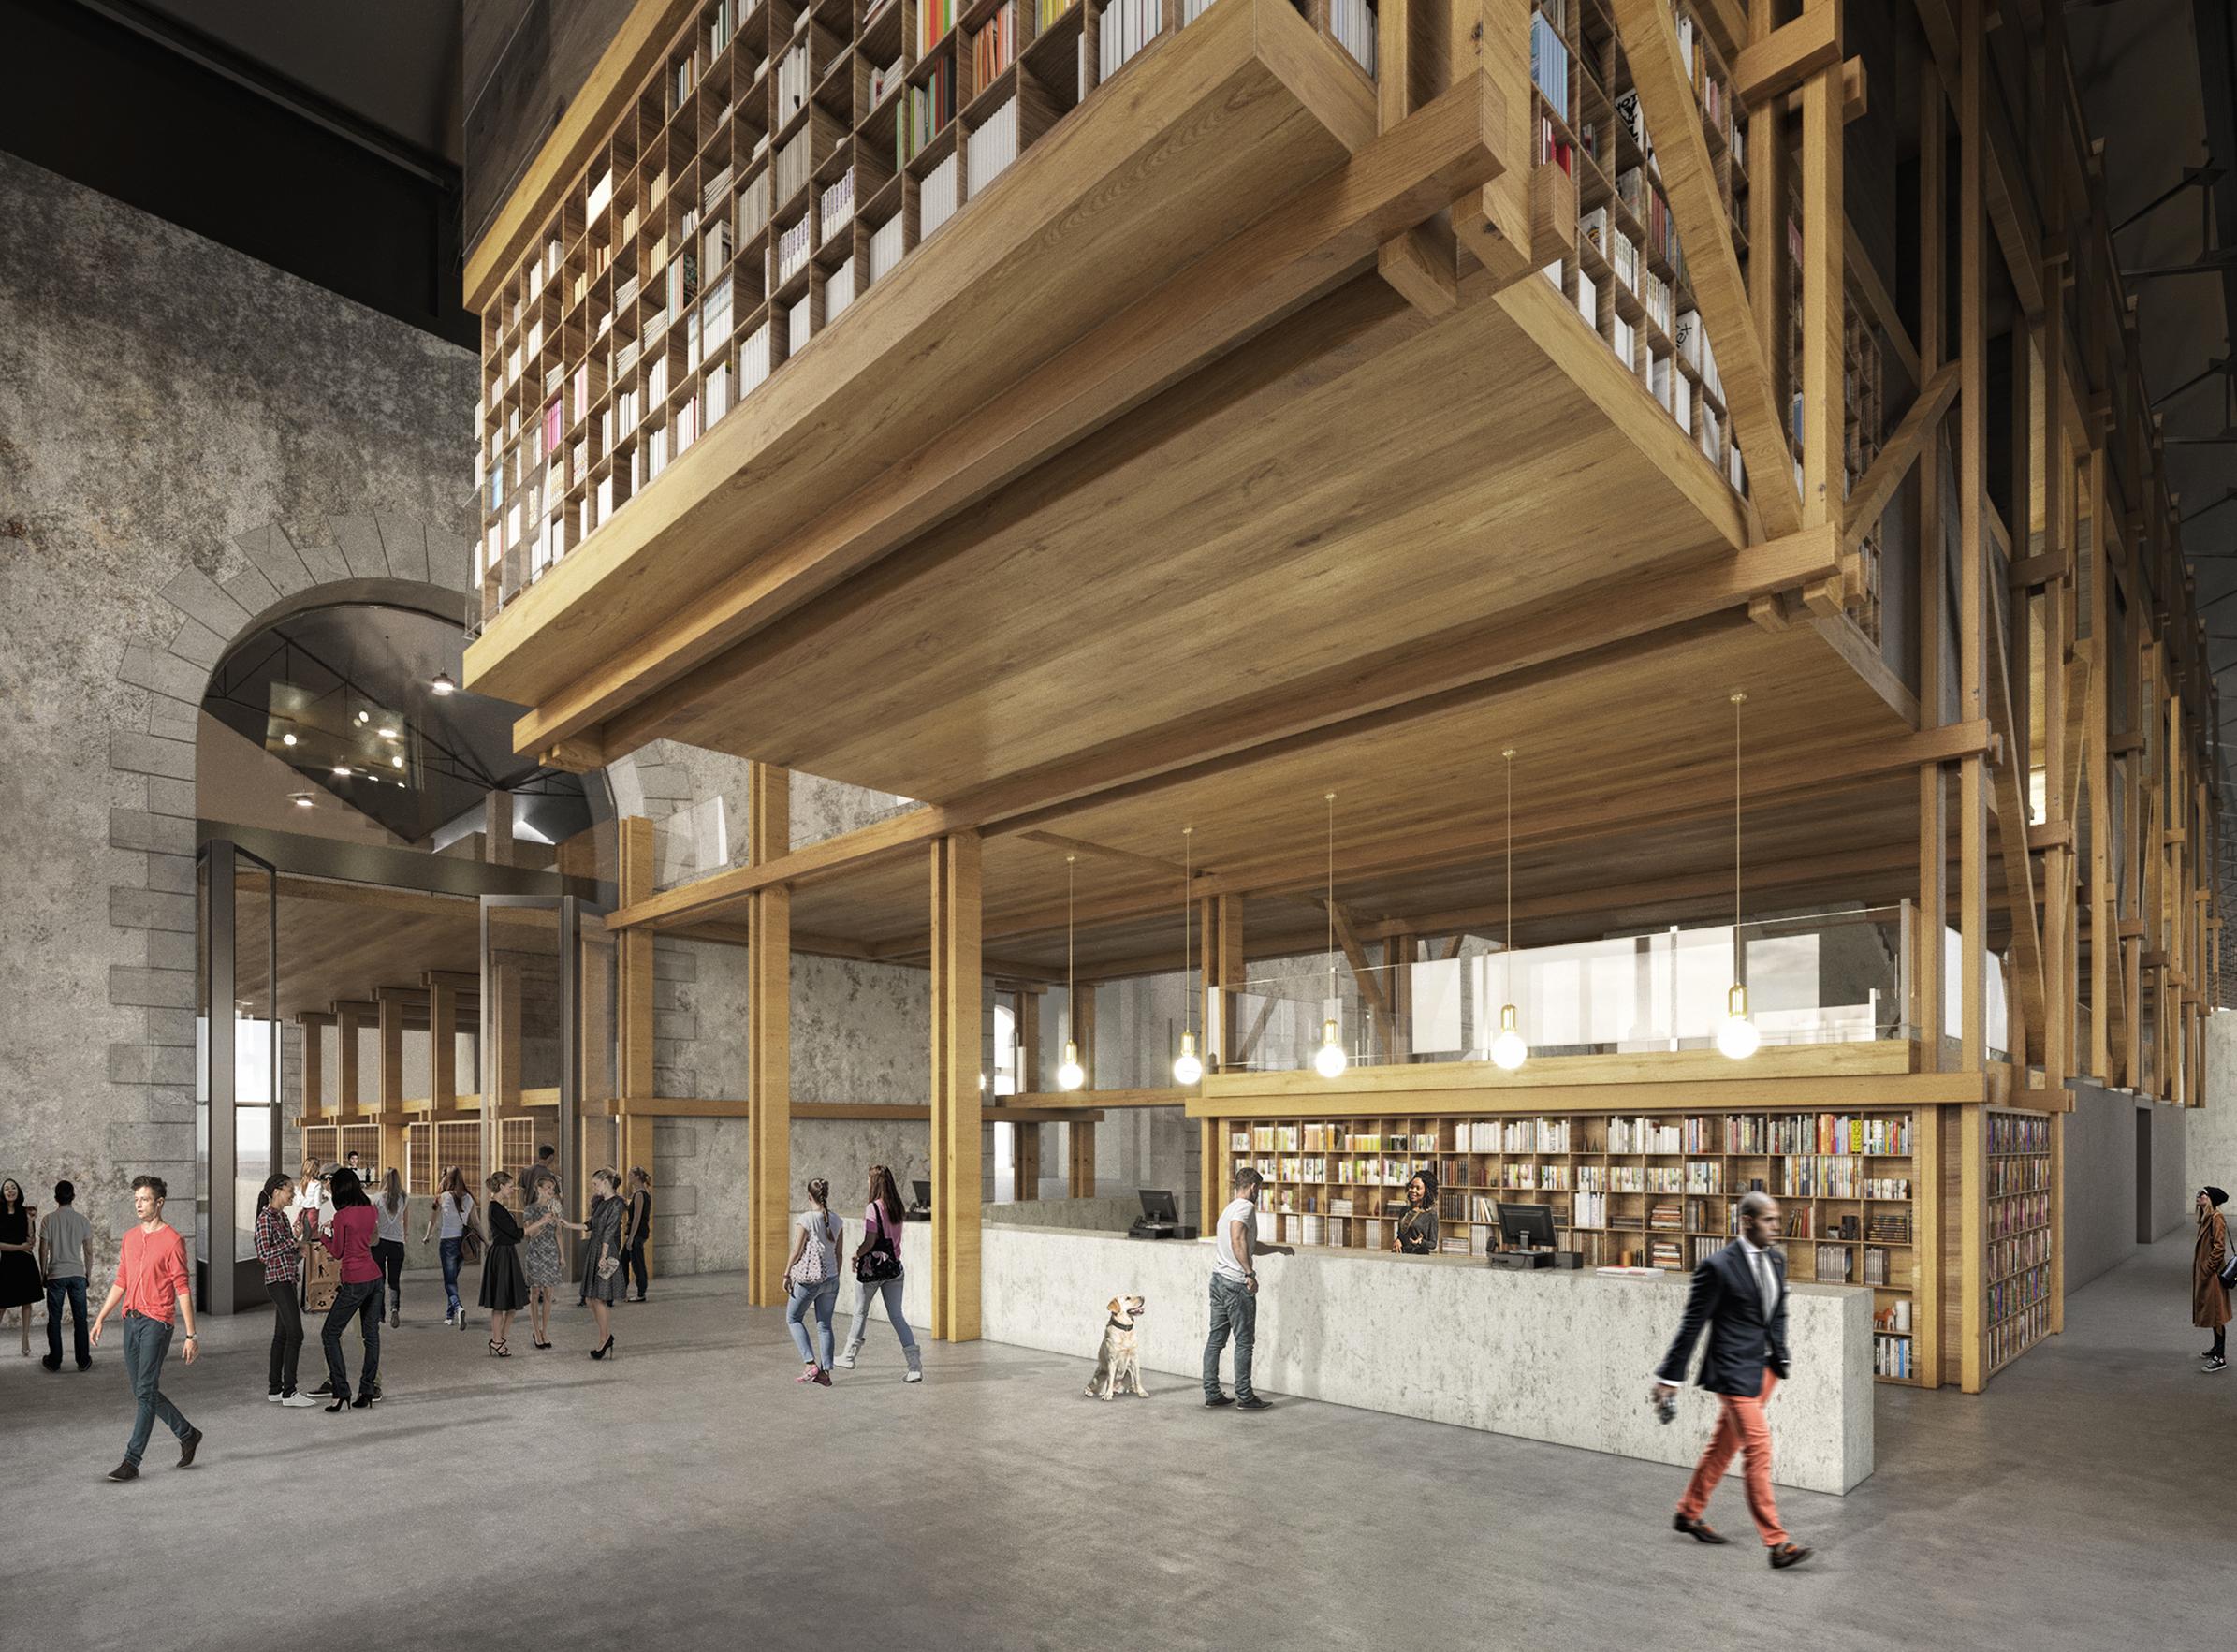 Le fourneau 00 - Friches + Culturel - Caractère Spécial - Matthieu poitevin Architecture